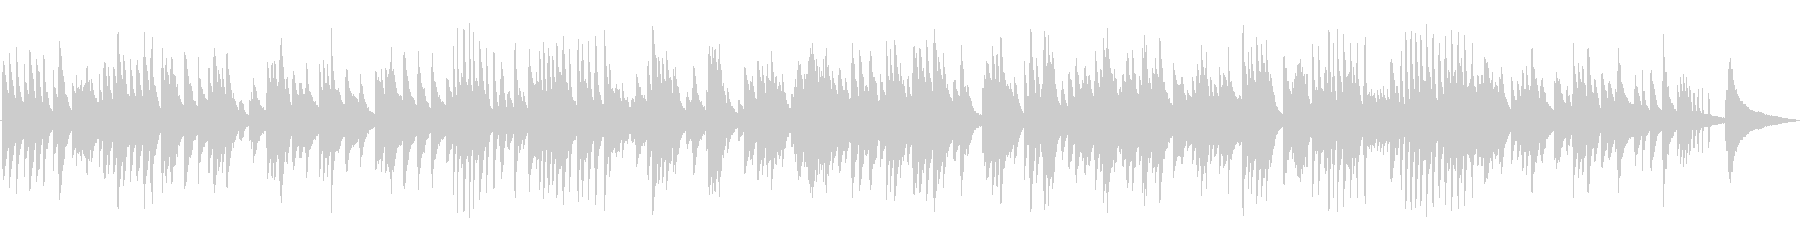 ゆったりとしたジャズラウンジピアノソロの未再生の波形